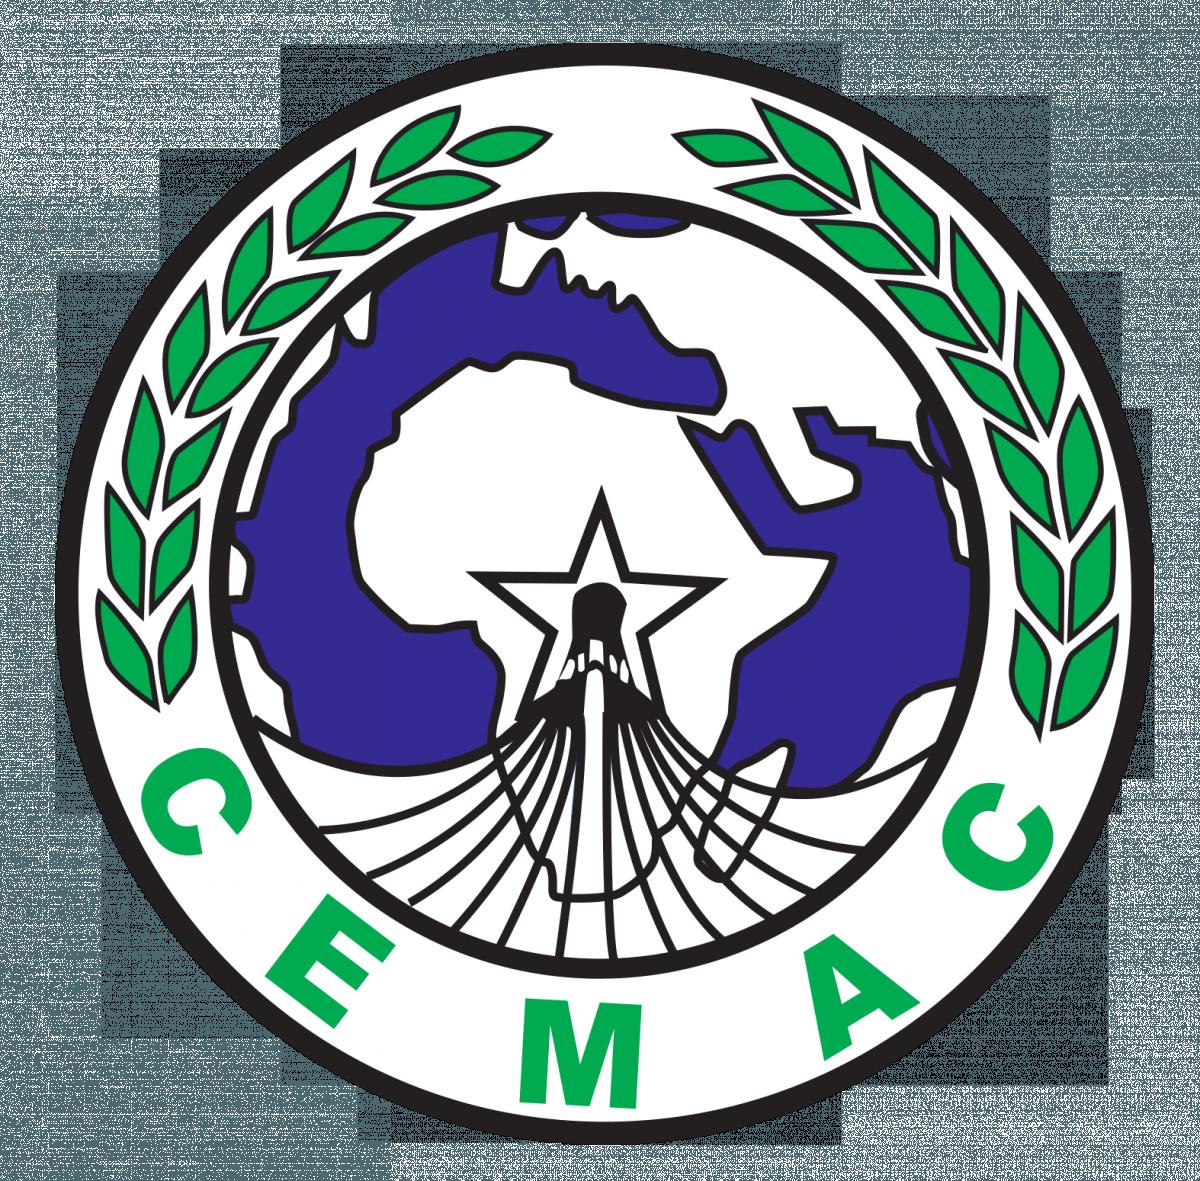 Les ministres de l'Economie de la CEMAC se retrouvent à Malabo pour aller plus loin dans l'intégration